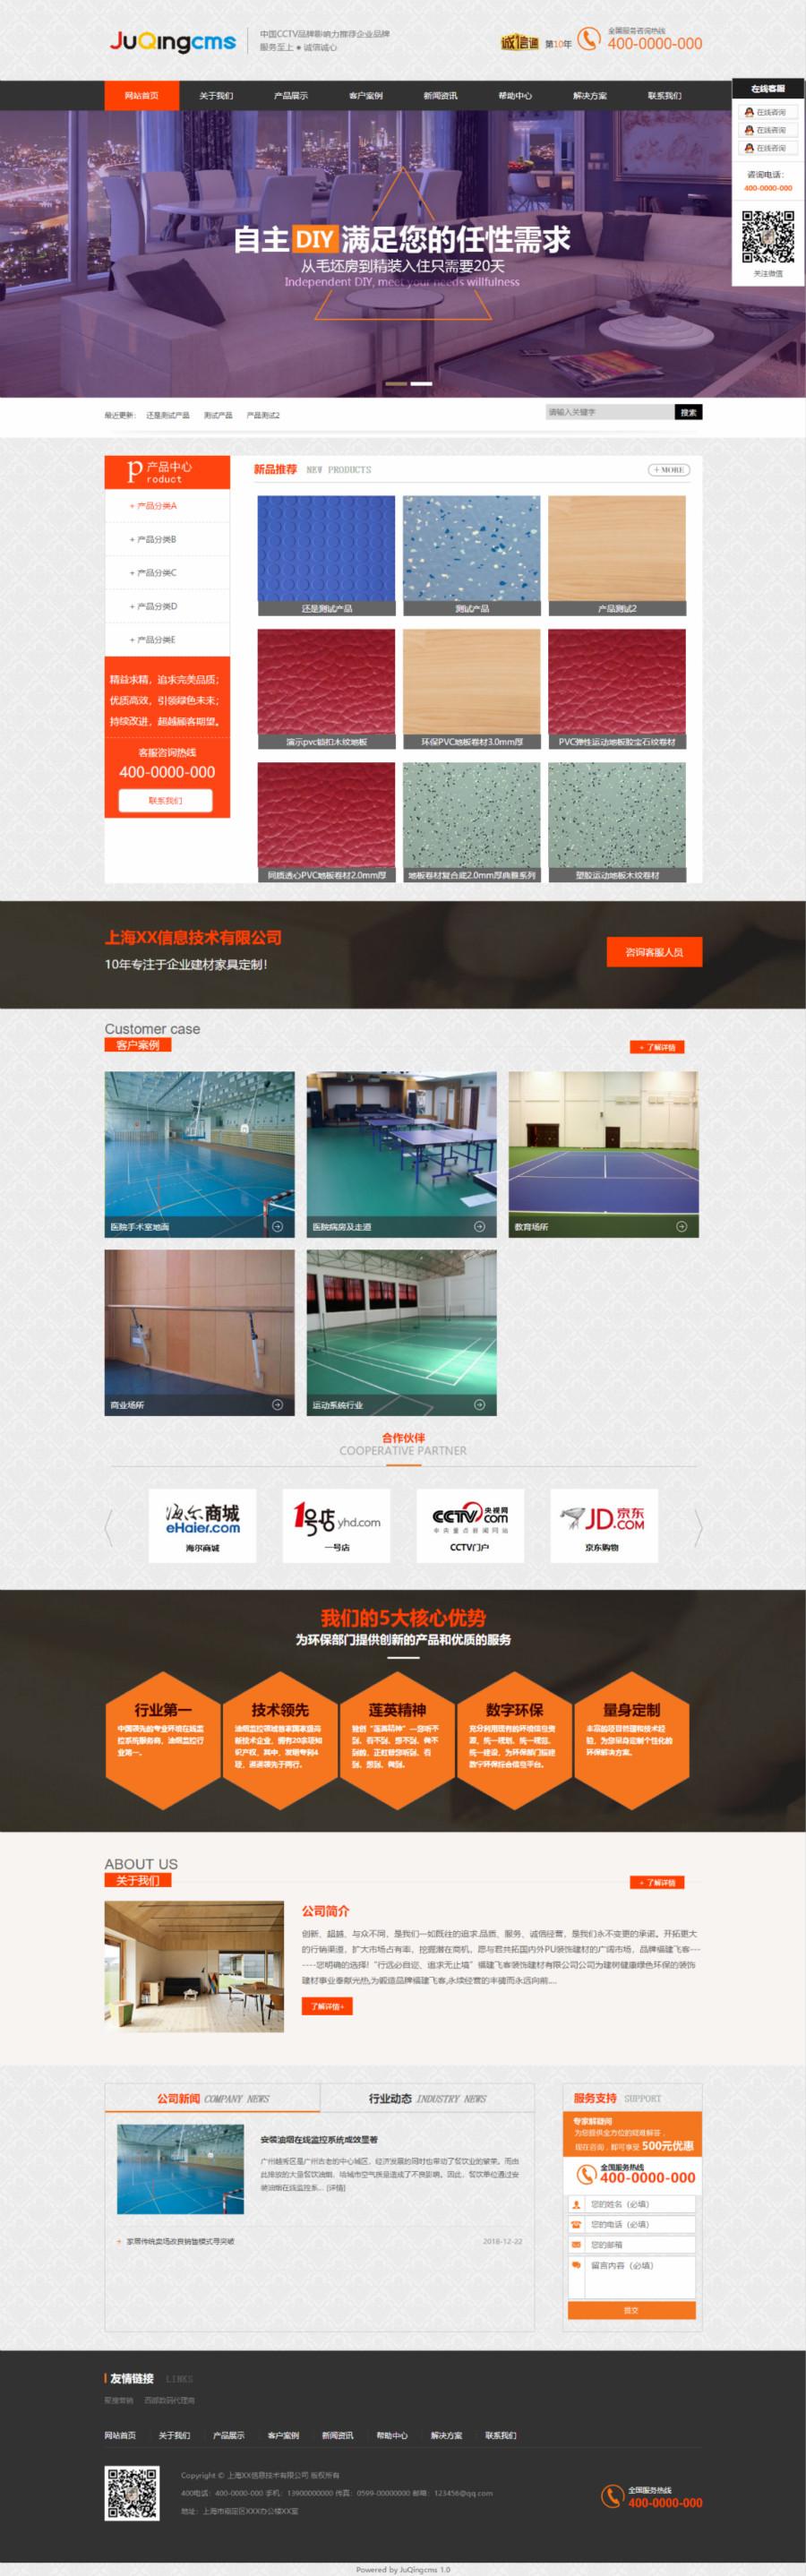 首页-装饰建材家居模板 - JuQingCms免费版_meitu_1.jpg